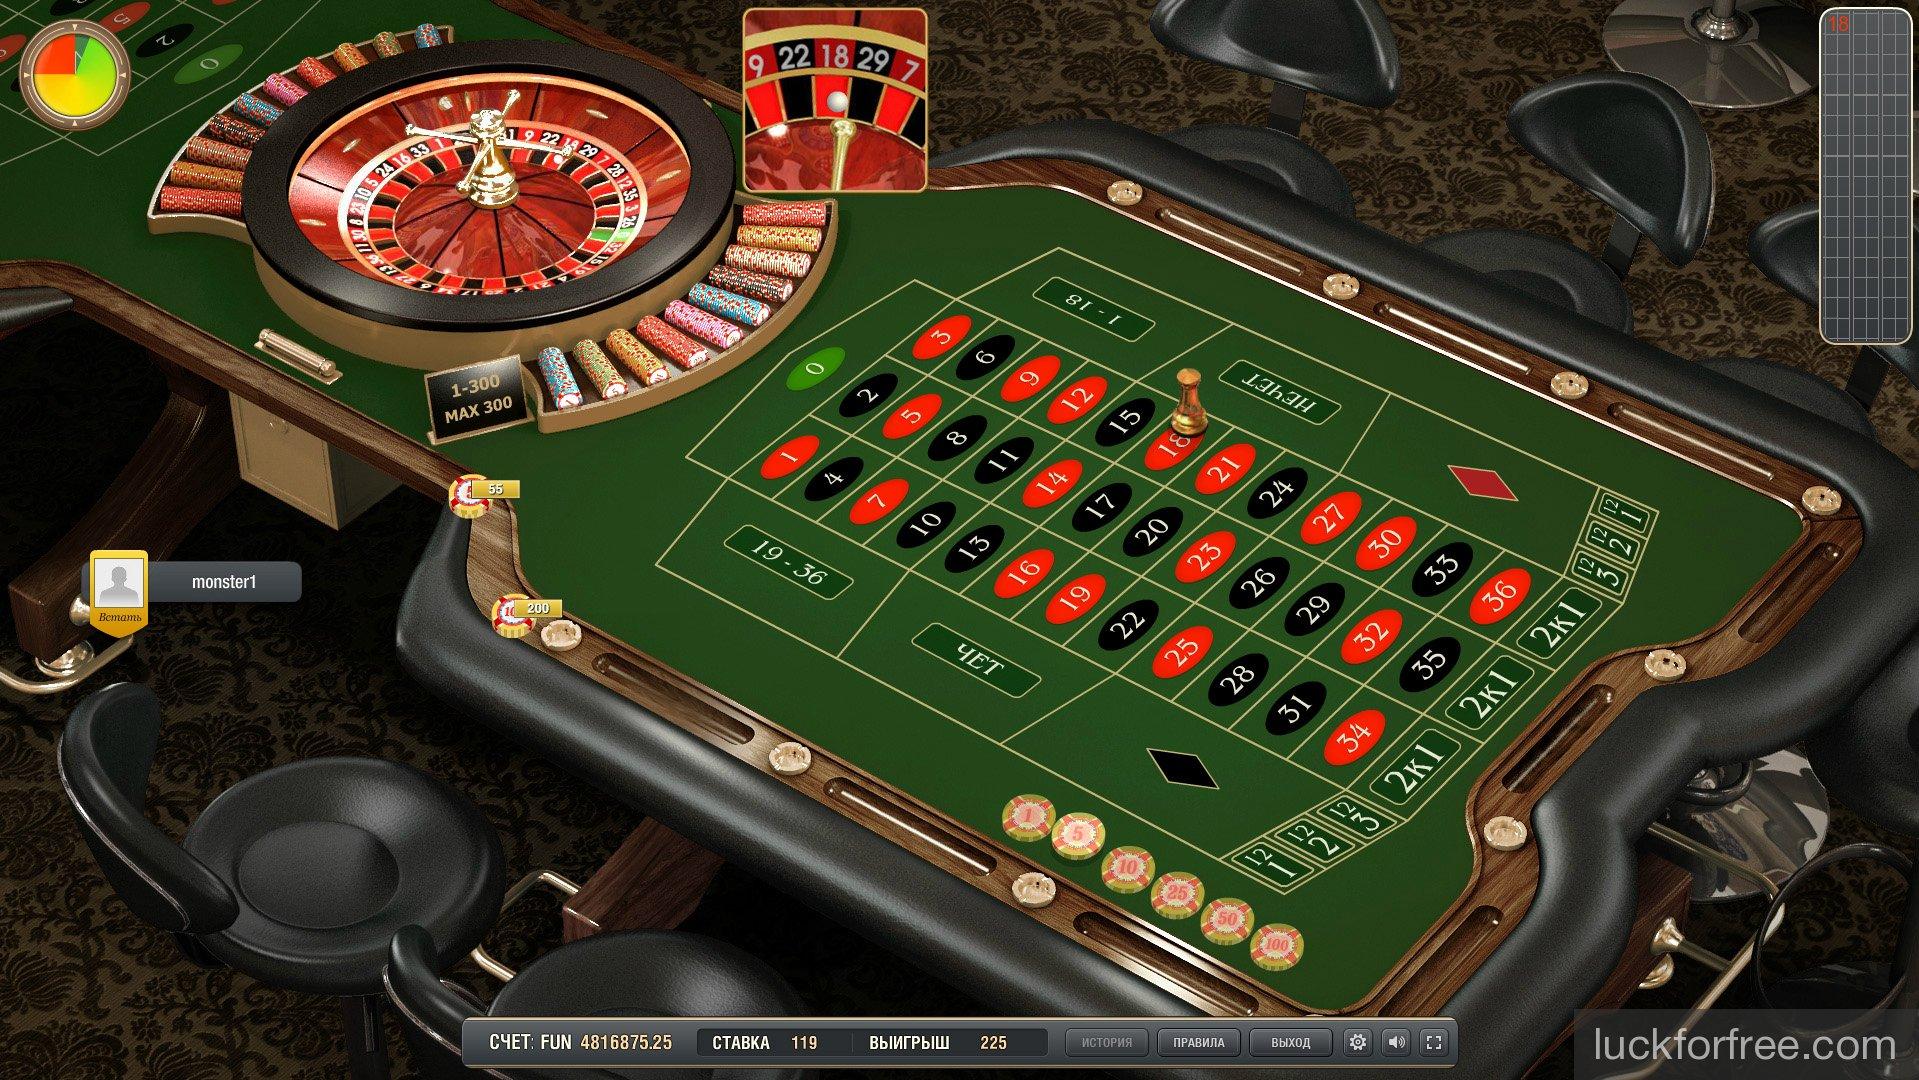 Игры в онлайн казино на чужие деньги как правильно играть в игровые автоматы видео